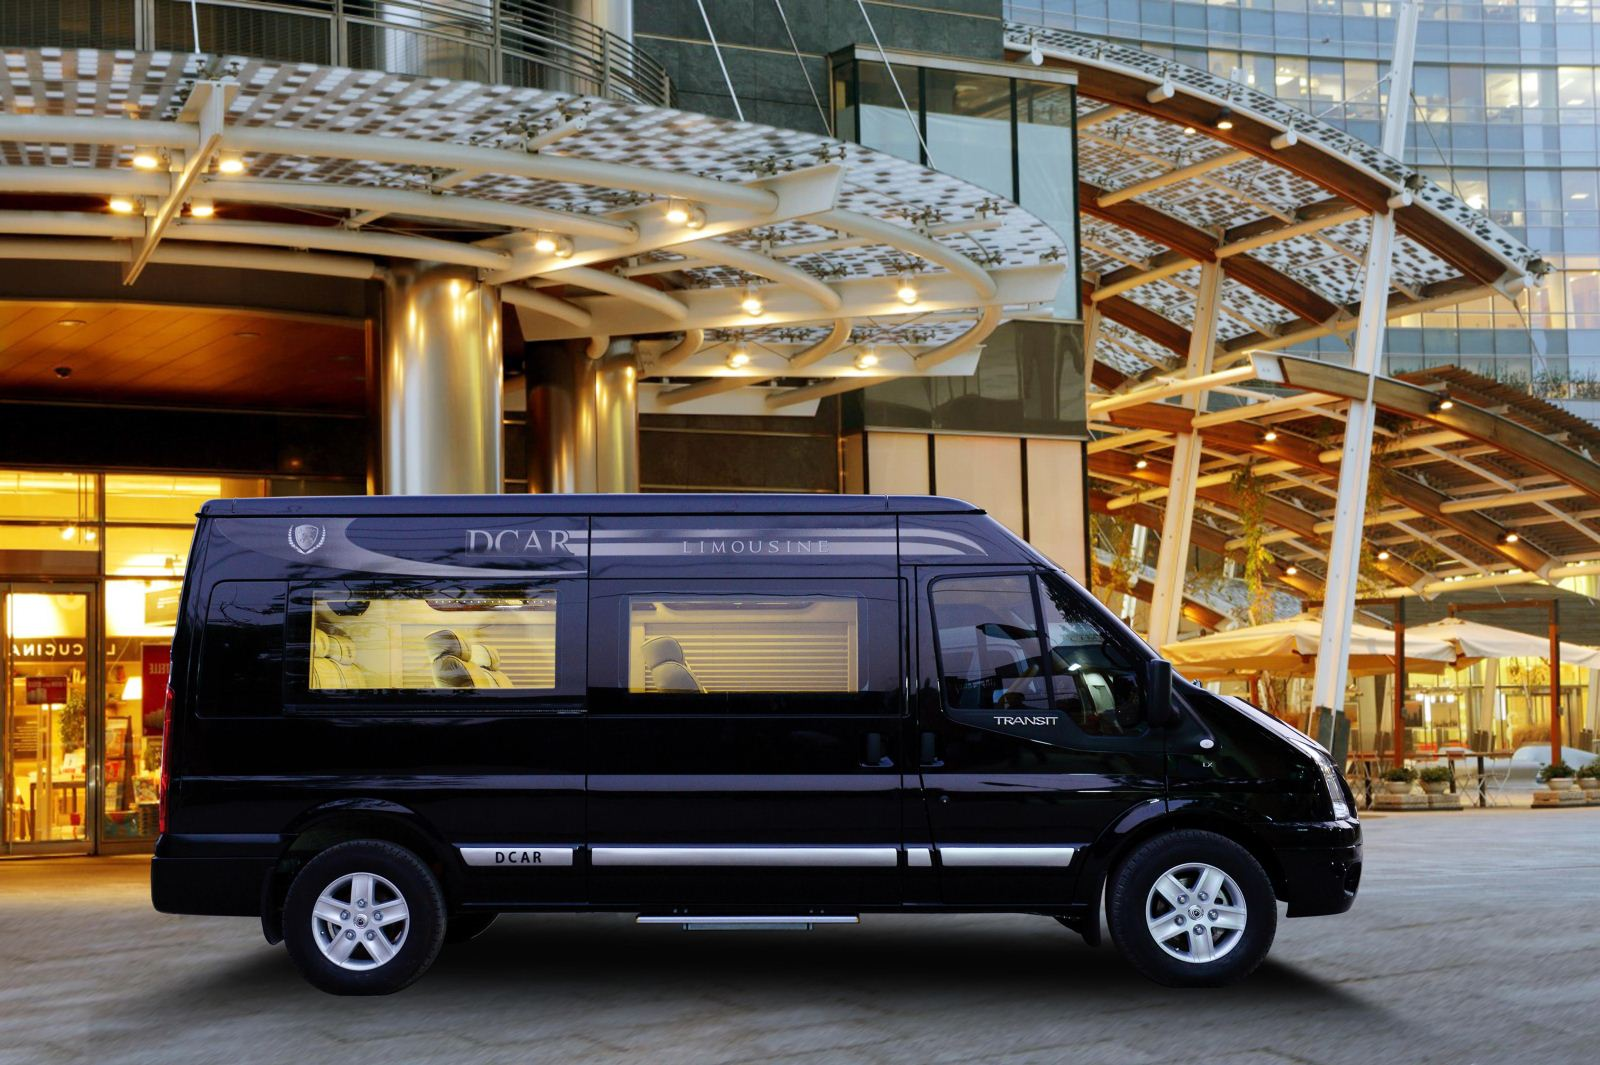 Giới thiệu nhà xe Đăng nhân limousine uy tín